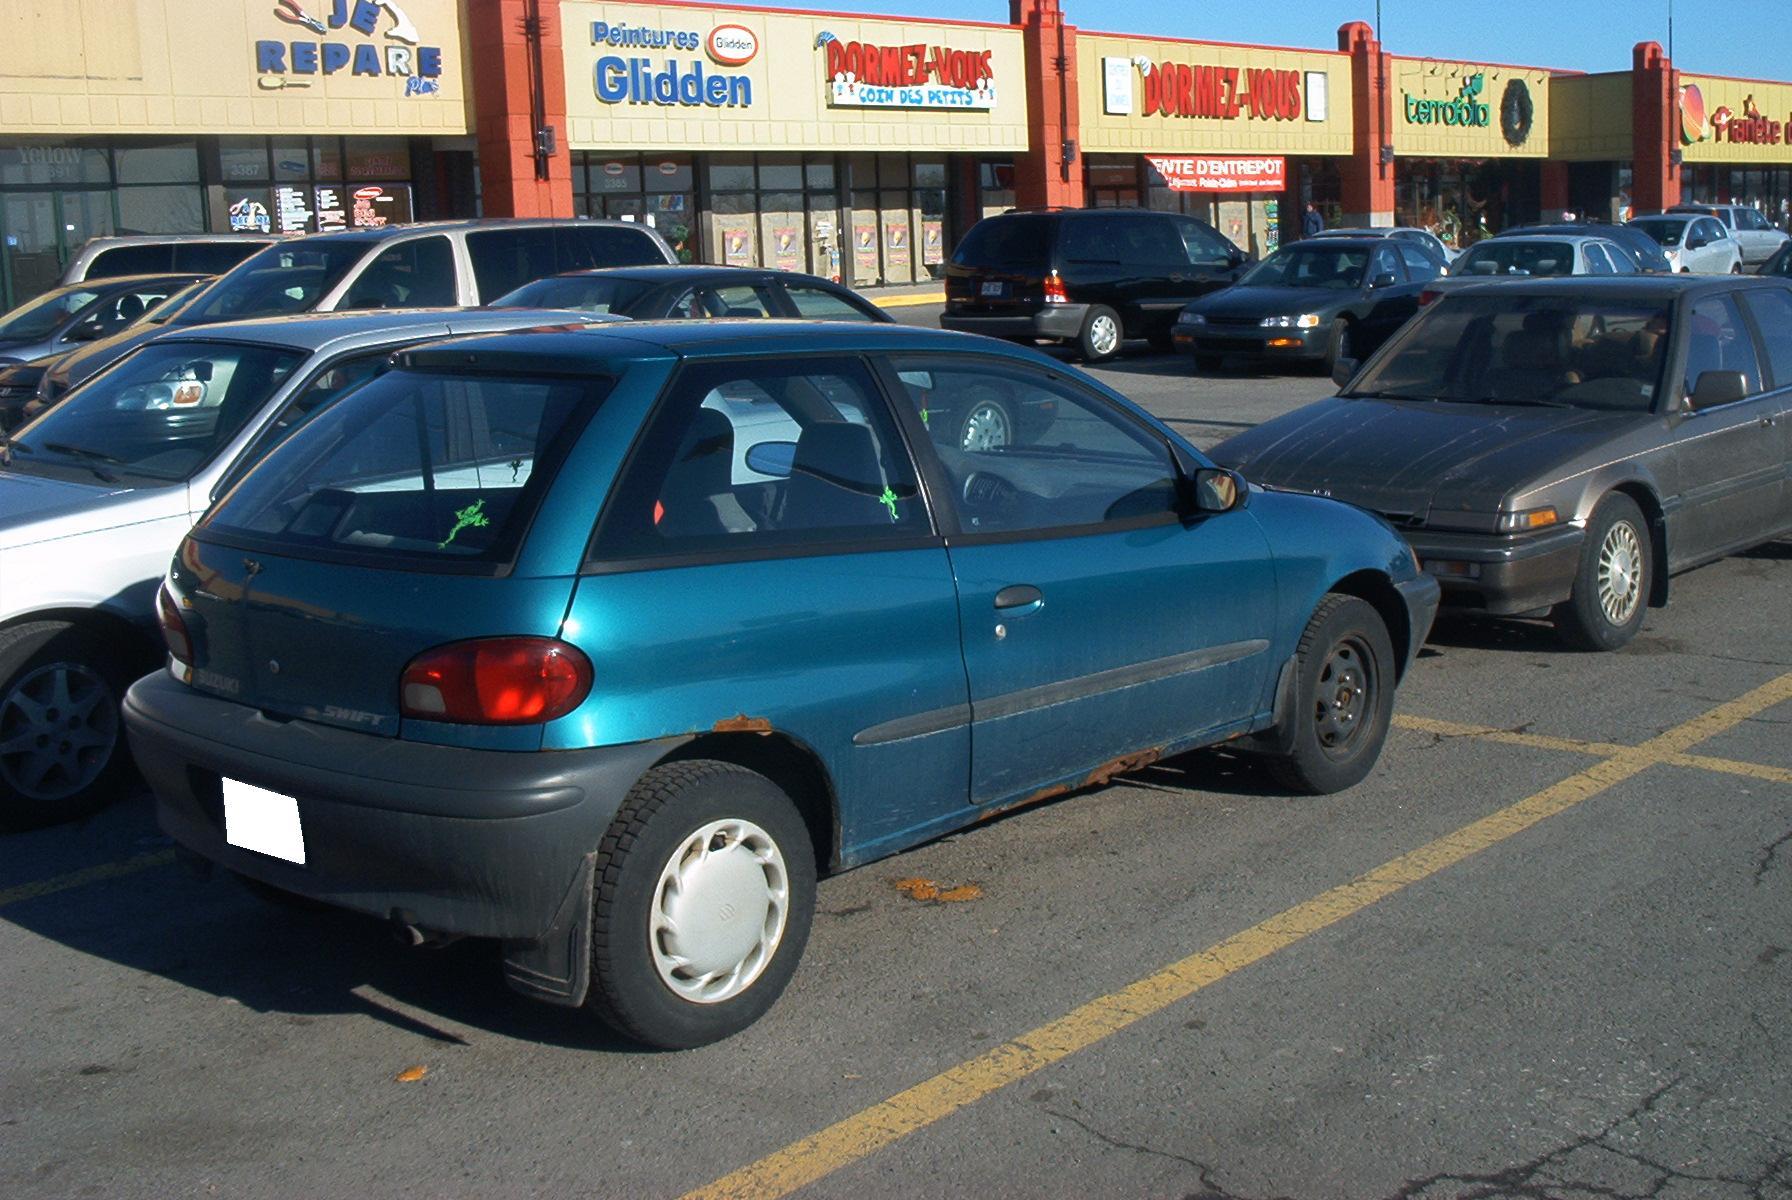 Imcdb Org  1998 Pontiac Firefly In  U0026quot Augusta  Gone  2006 U0026quot